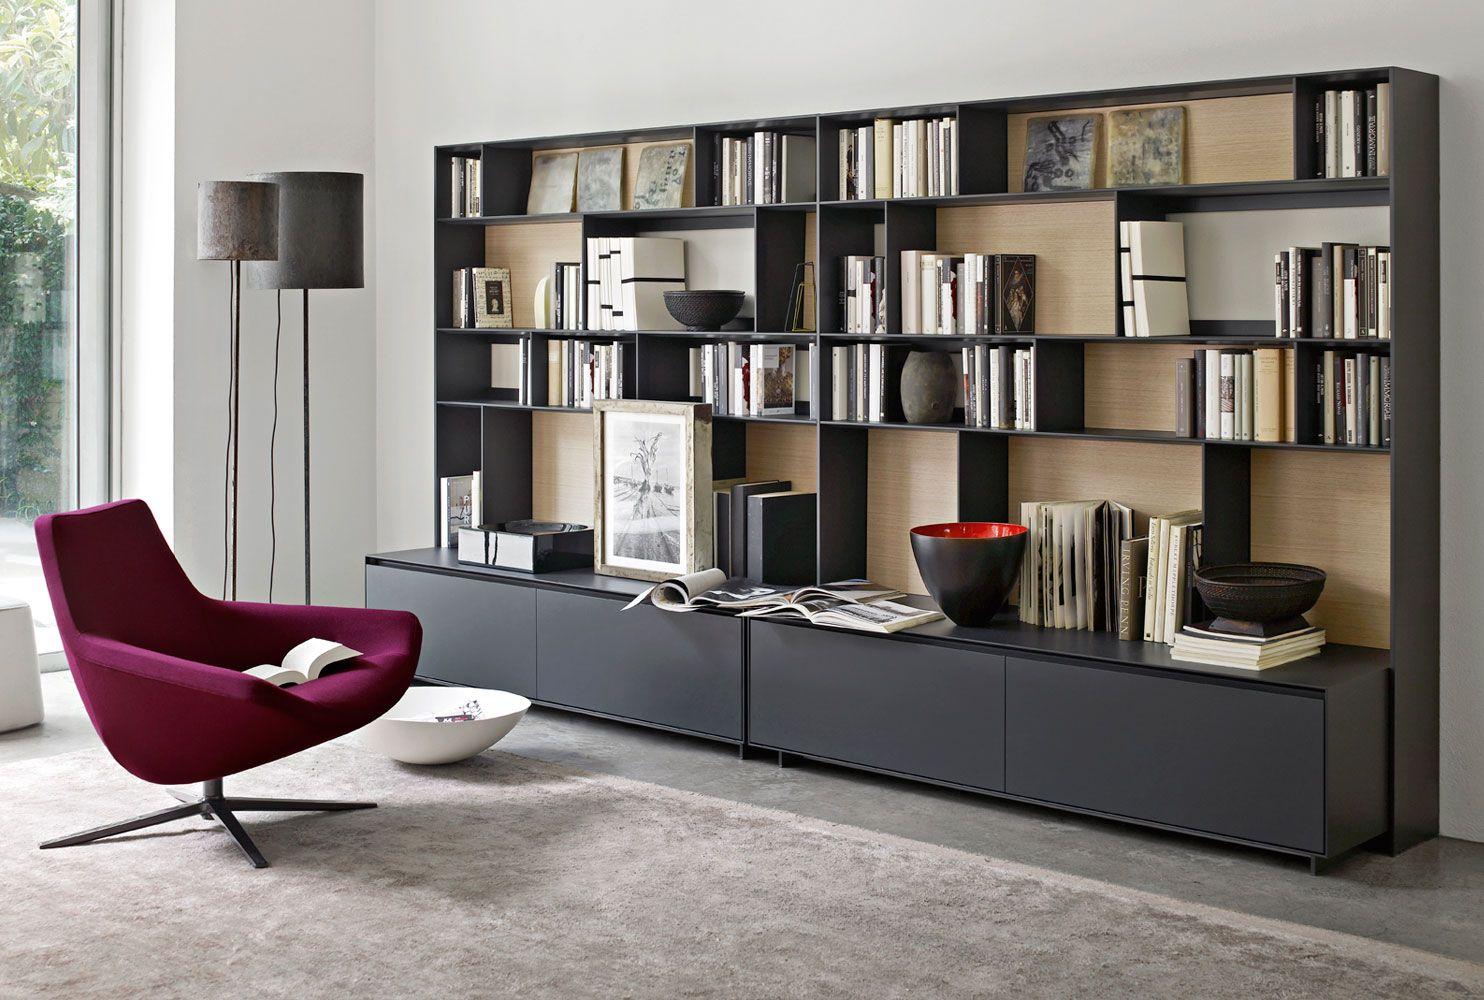 System Bookcase Flat C Collection B Italia Design Antonio